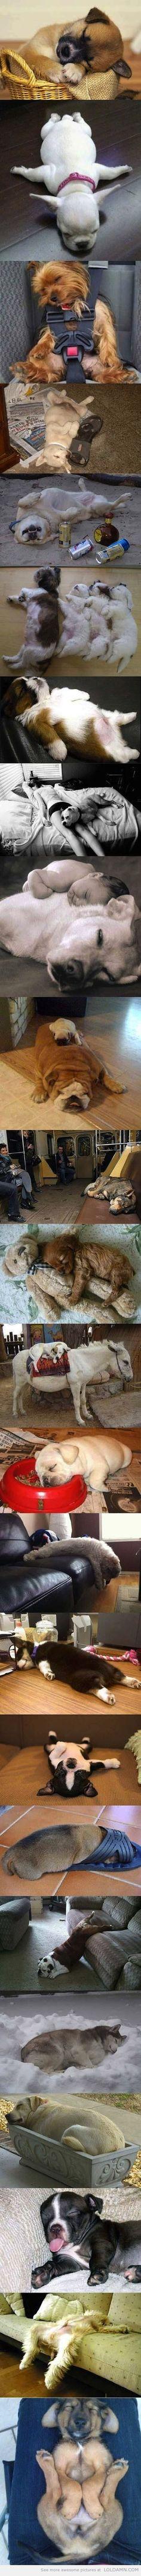 TGIF – Lazy Dogs